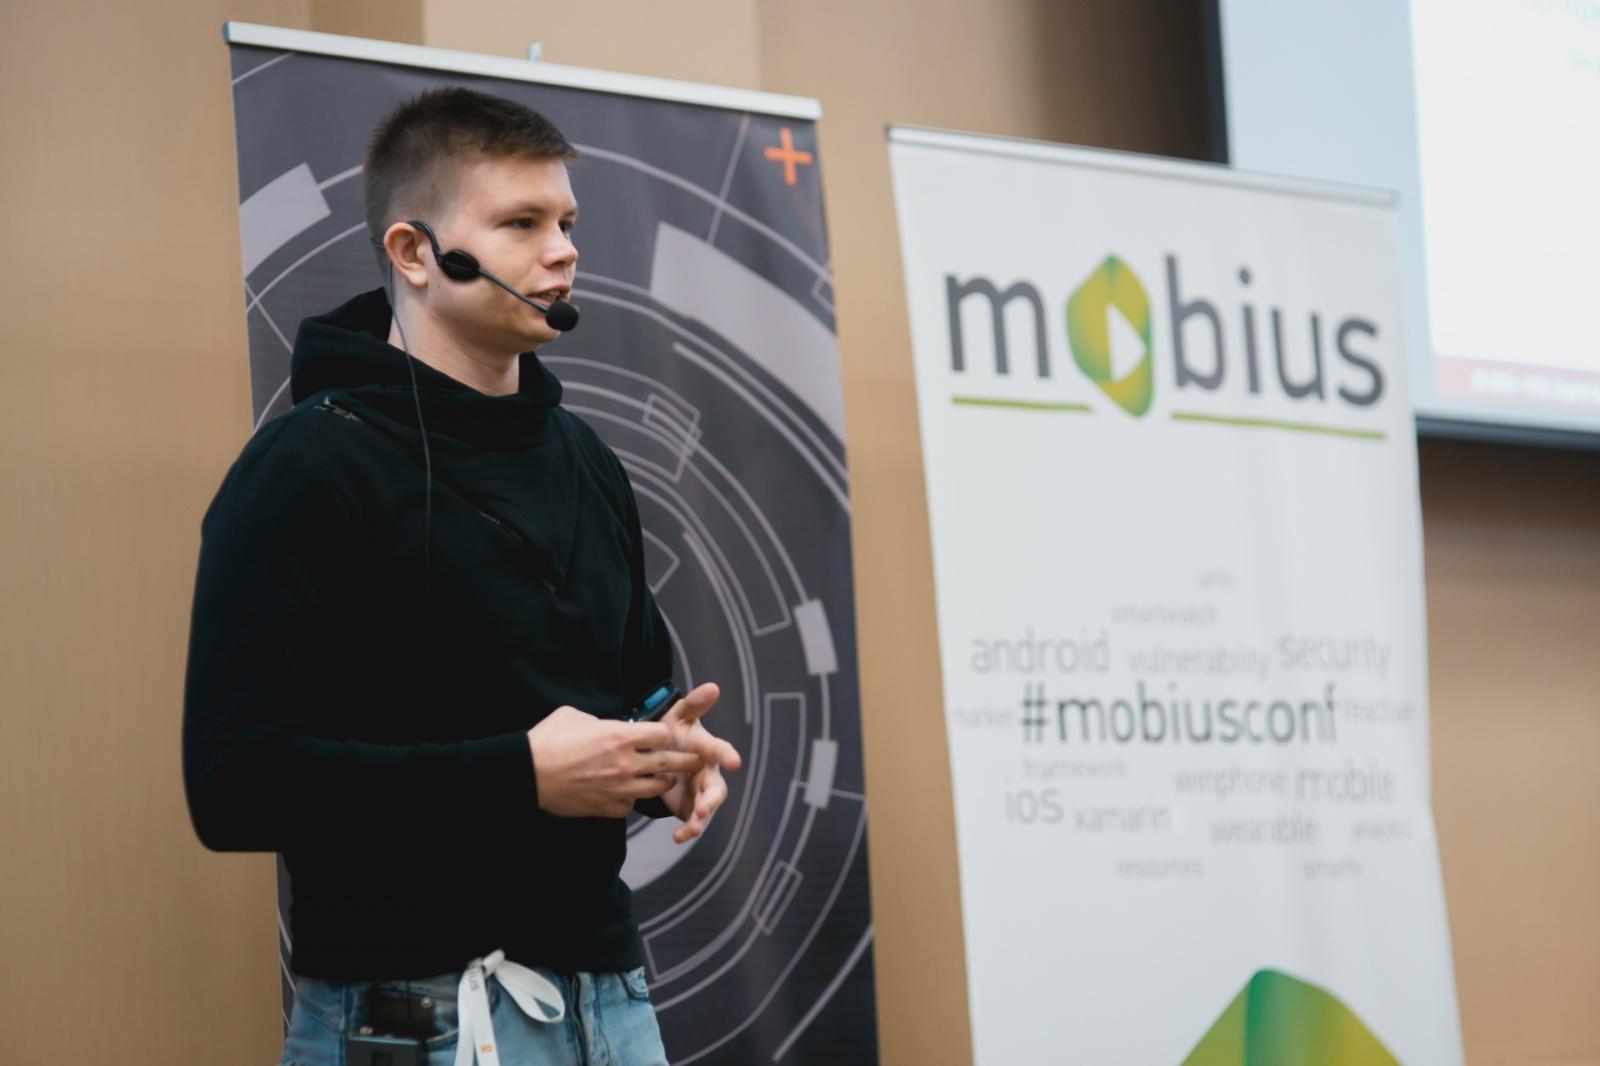 Конференция Mobius: как в мобильных устройствах открывали неочевидное - 3